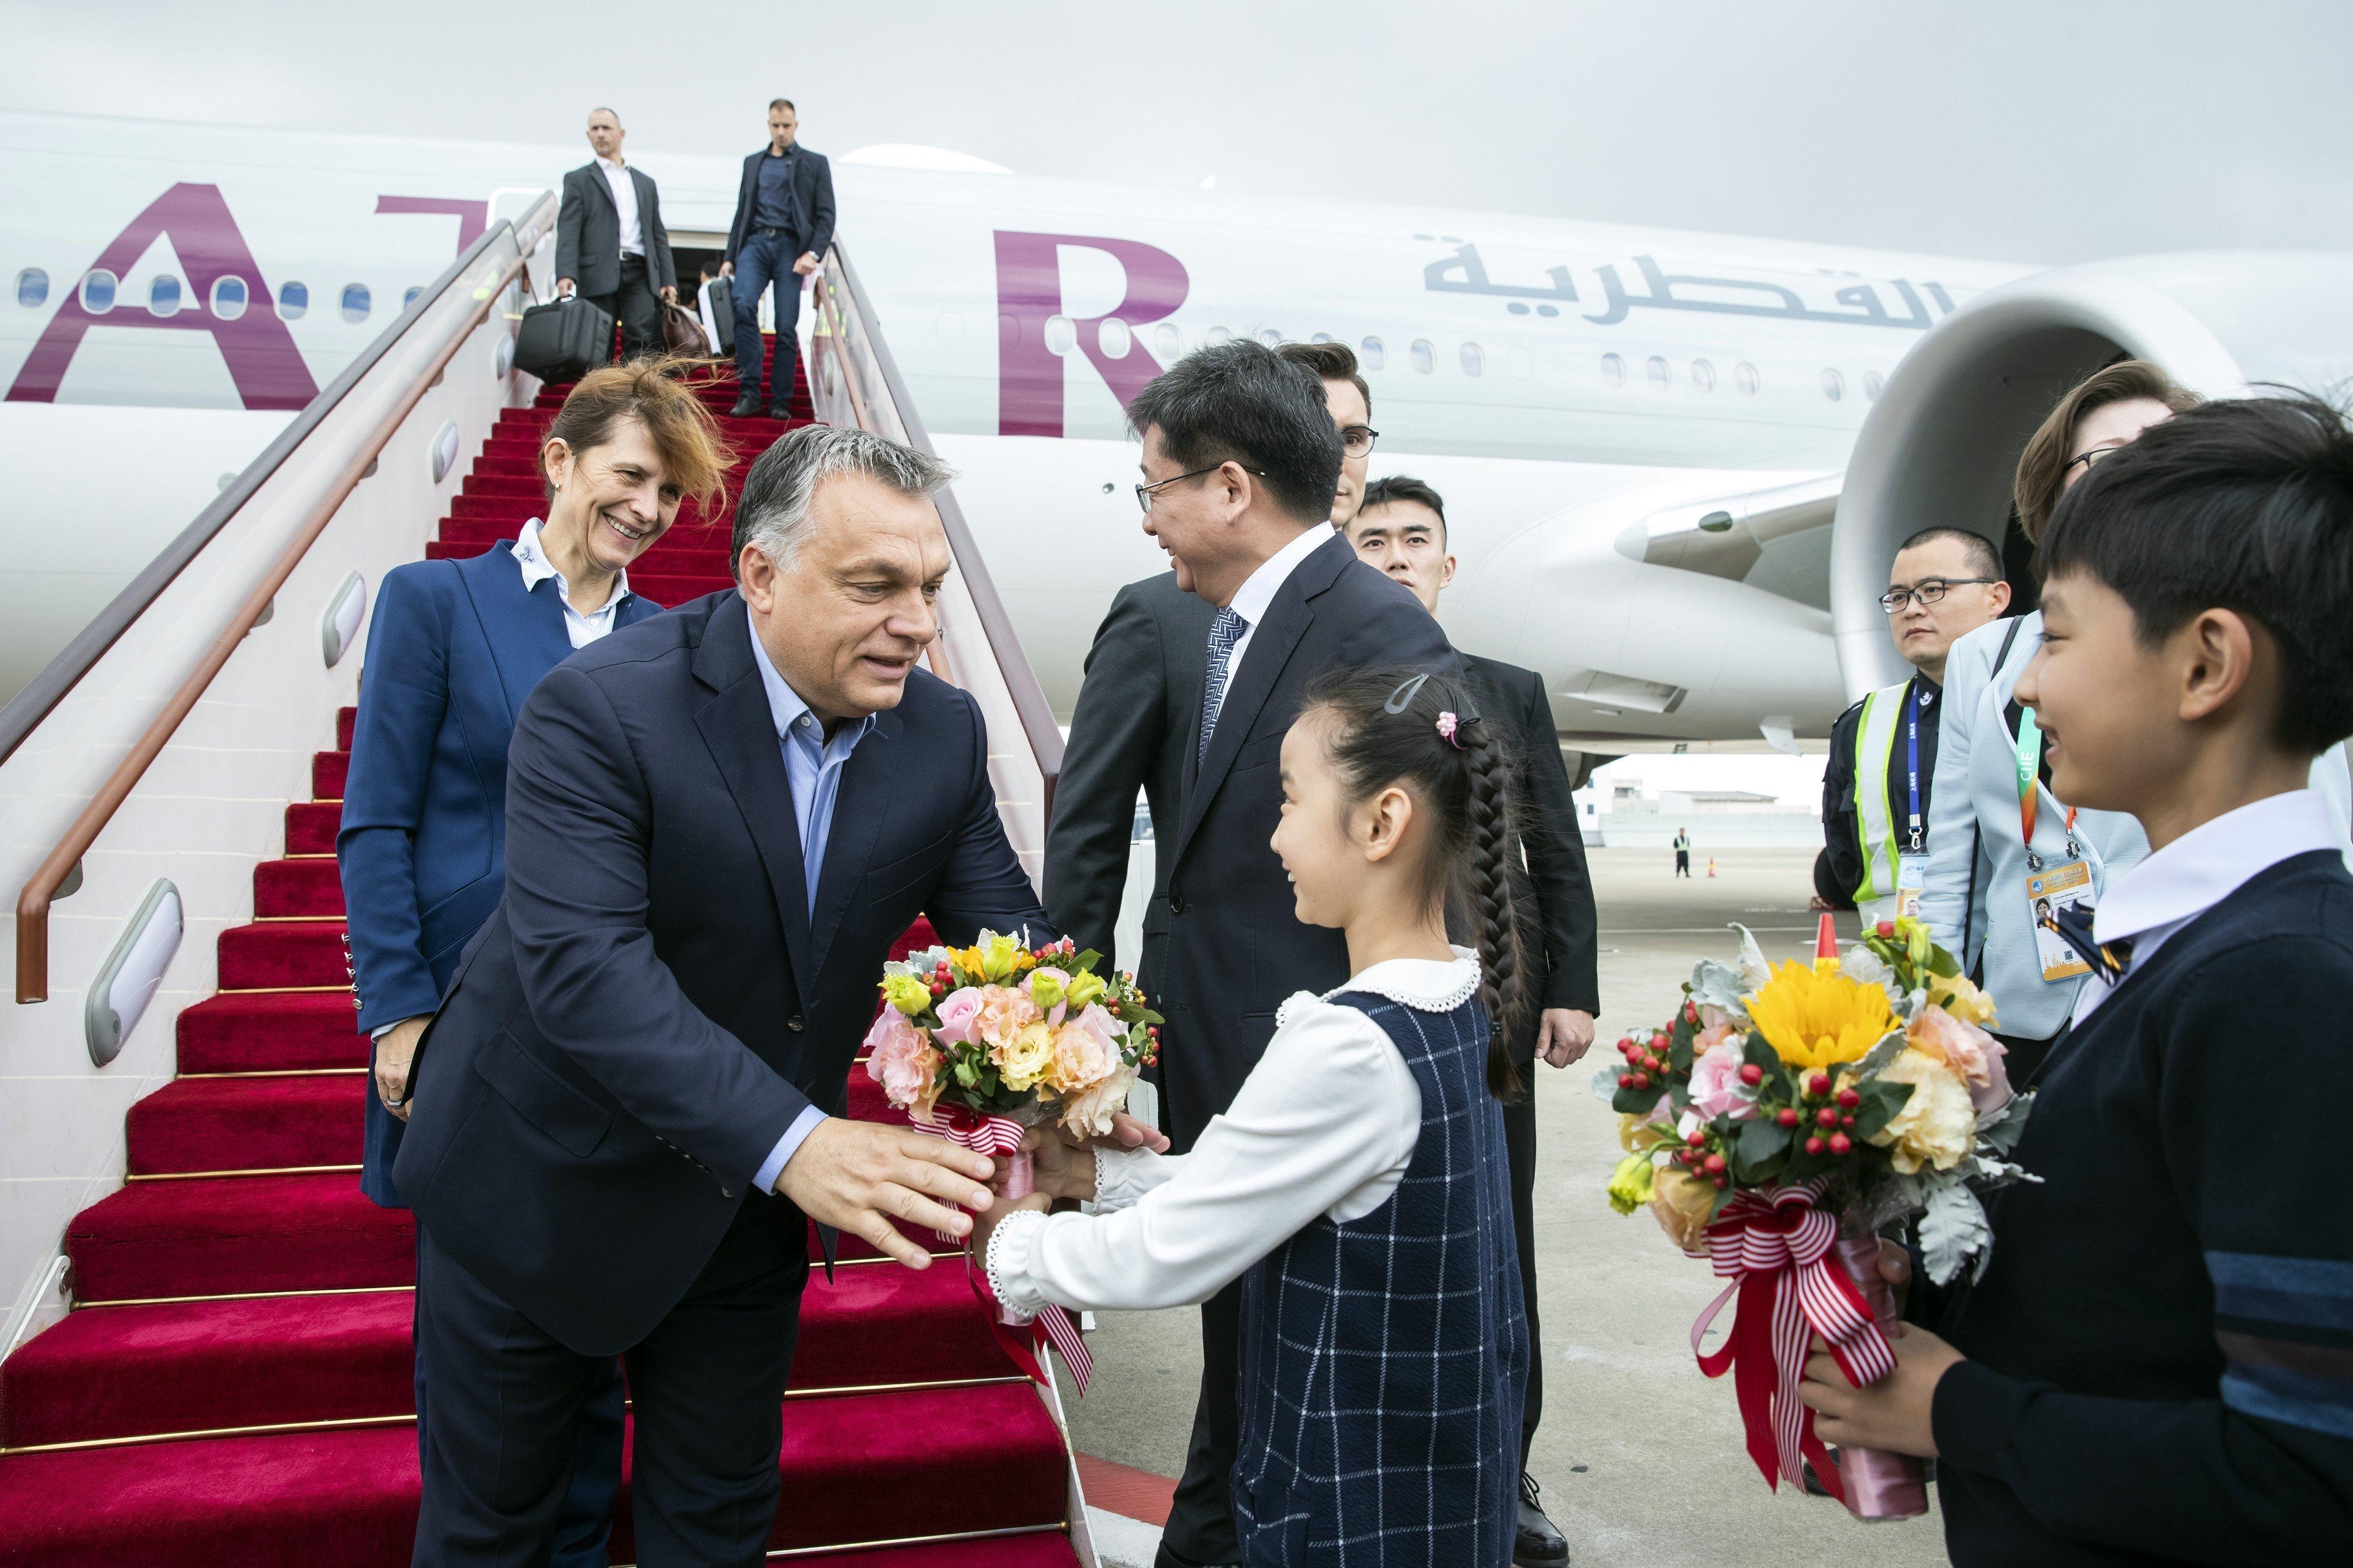 Népünk bölcs vezére megkezdte hivatalos látogatását a Kínai Népköztársaságban